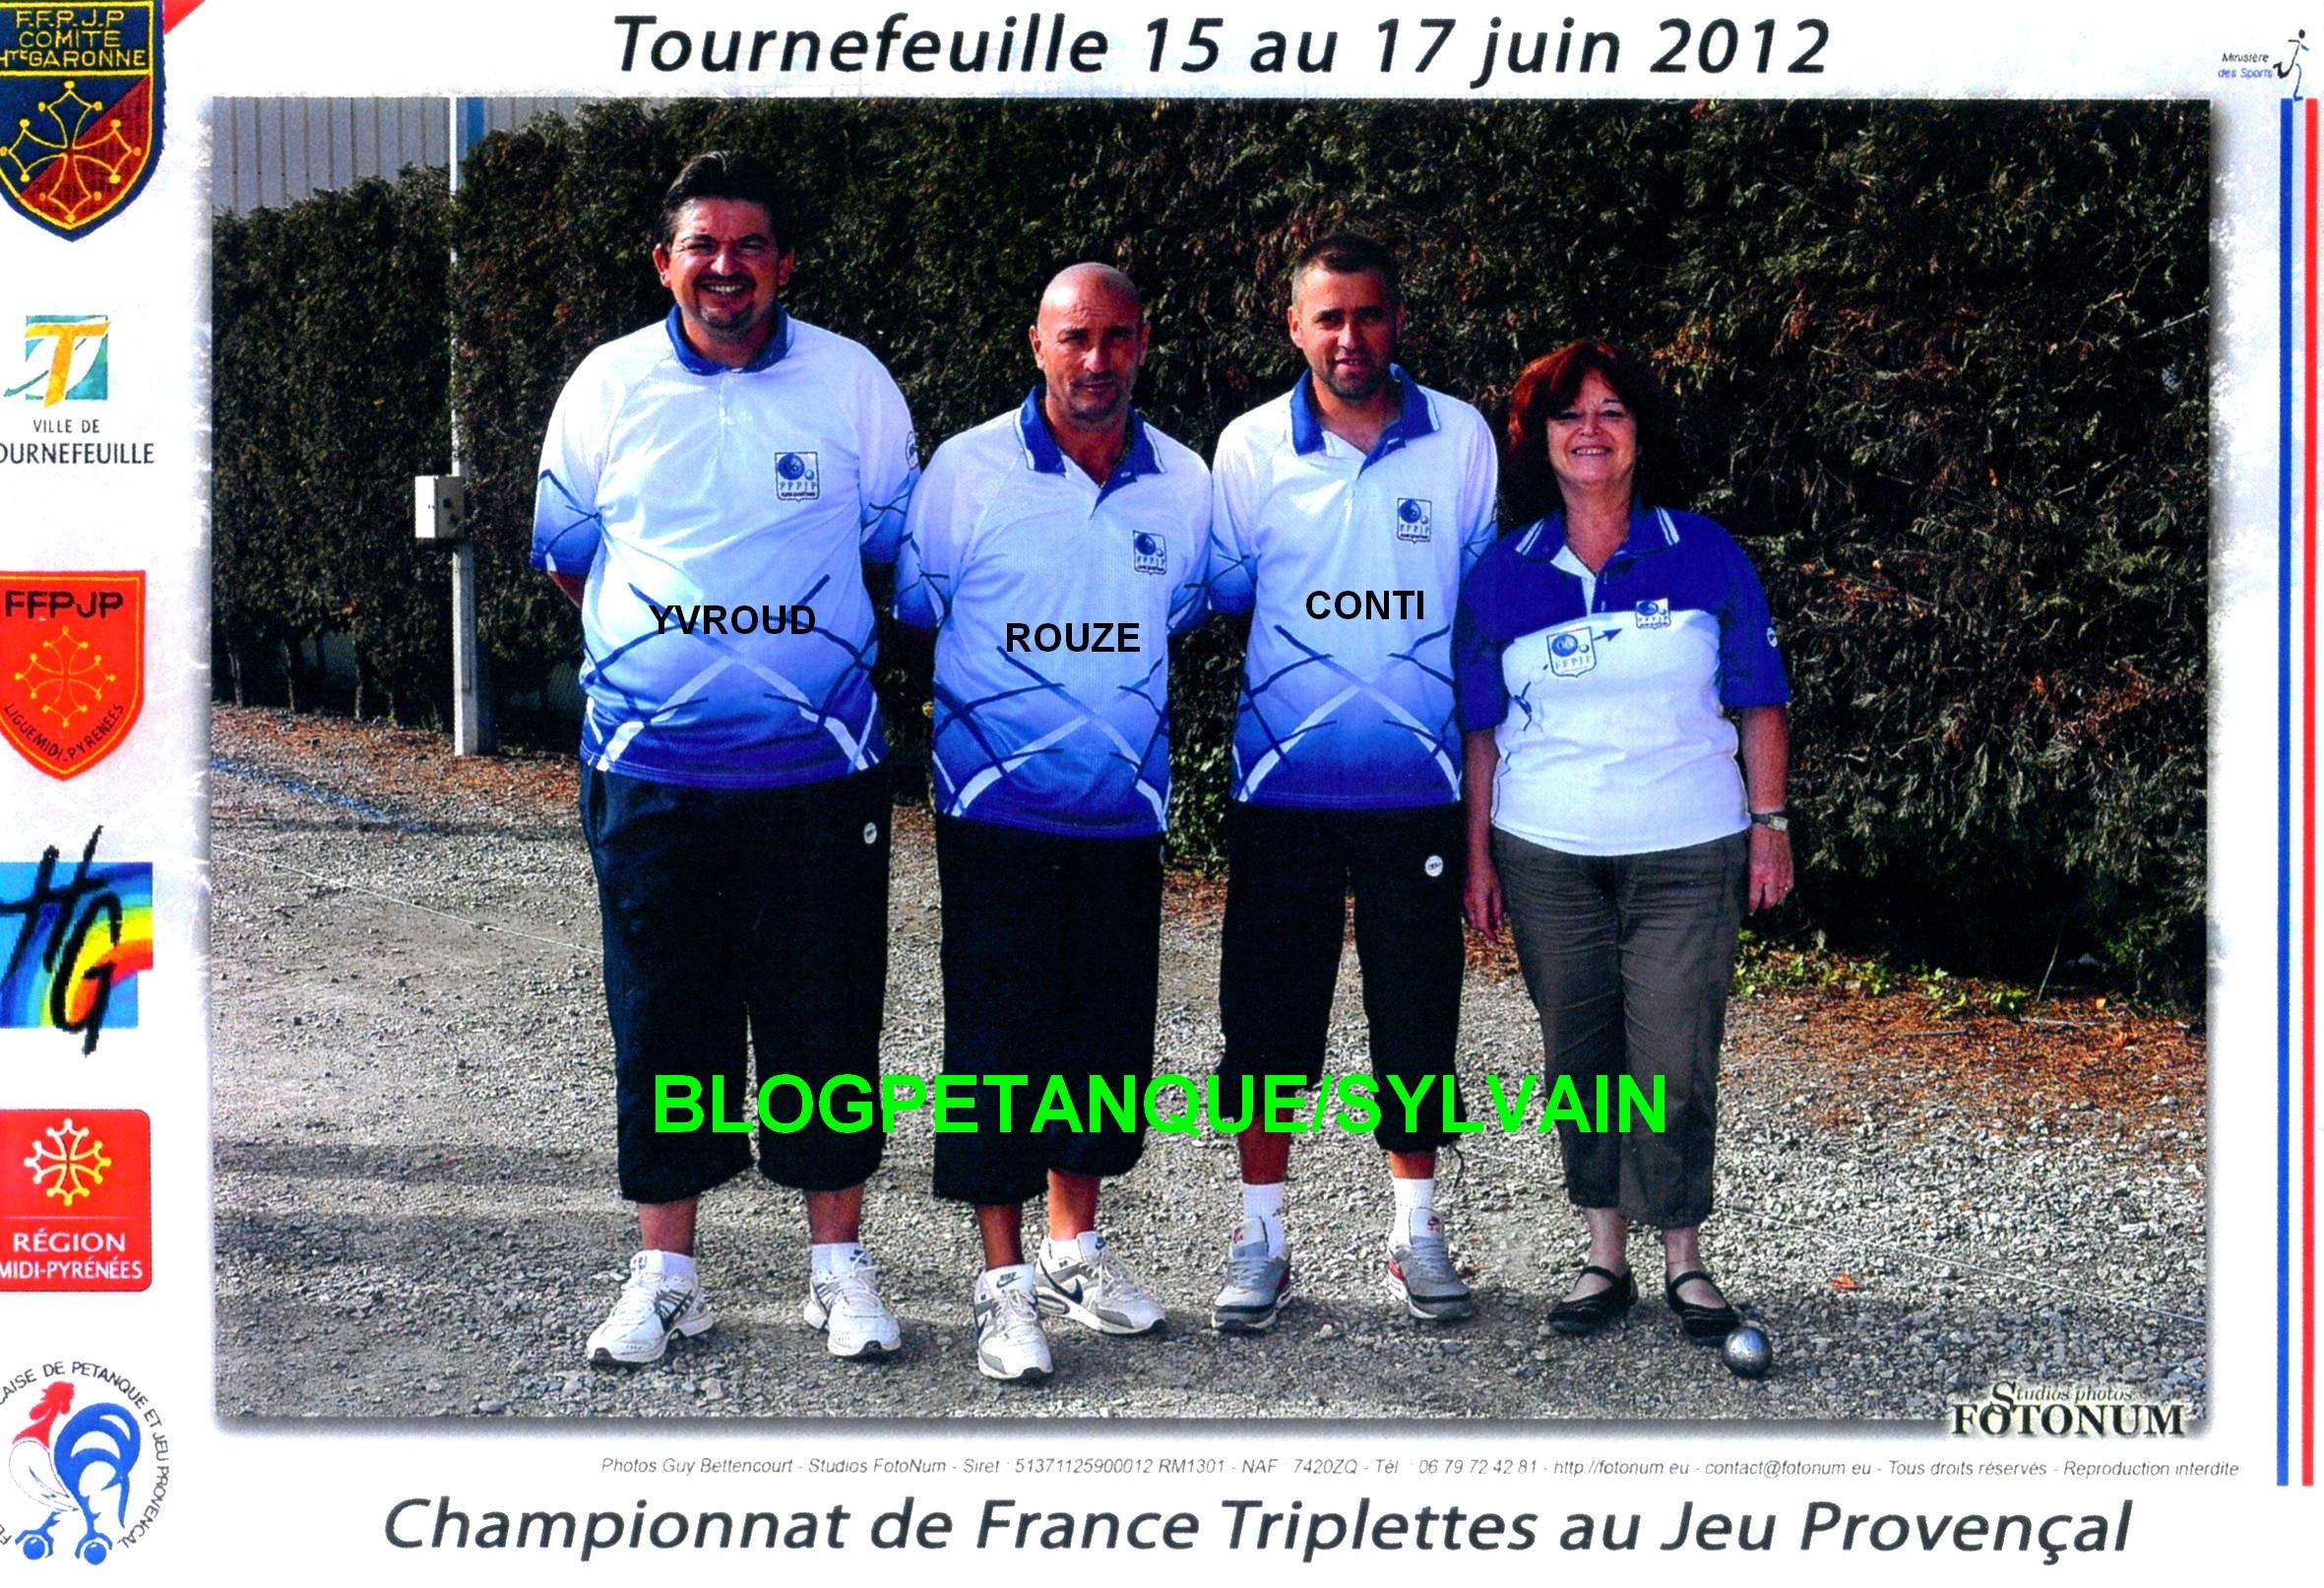 Les vices champions de France 2011 qualifiés d'office